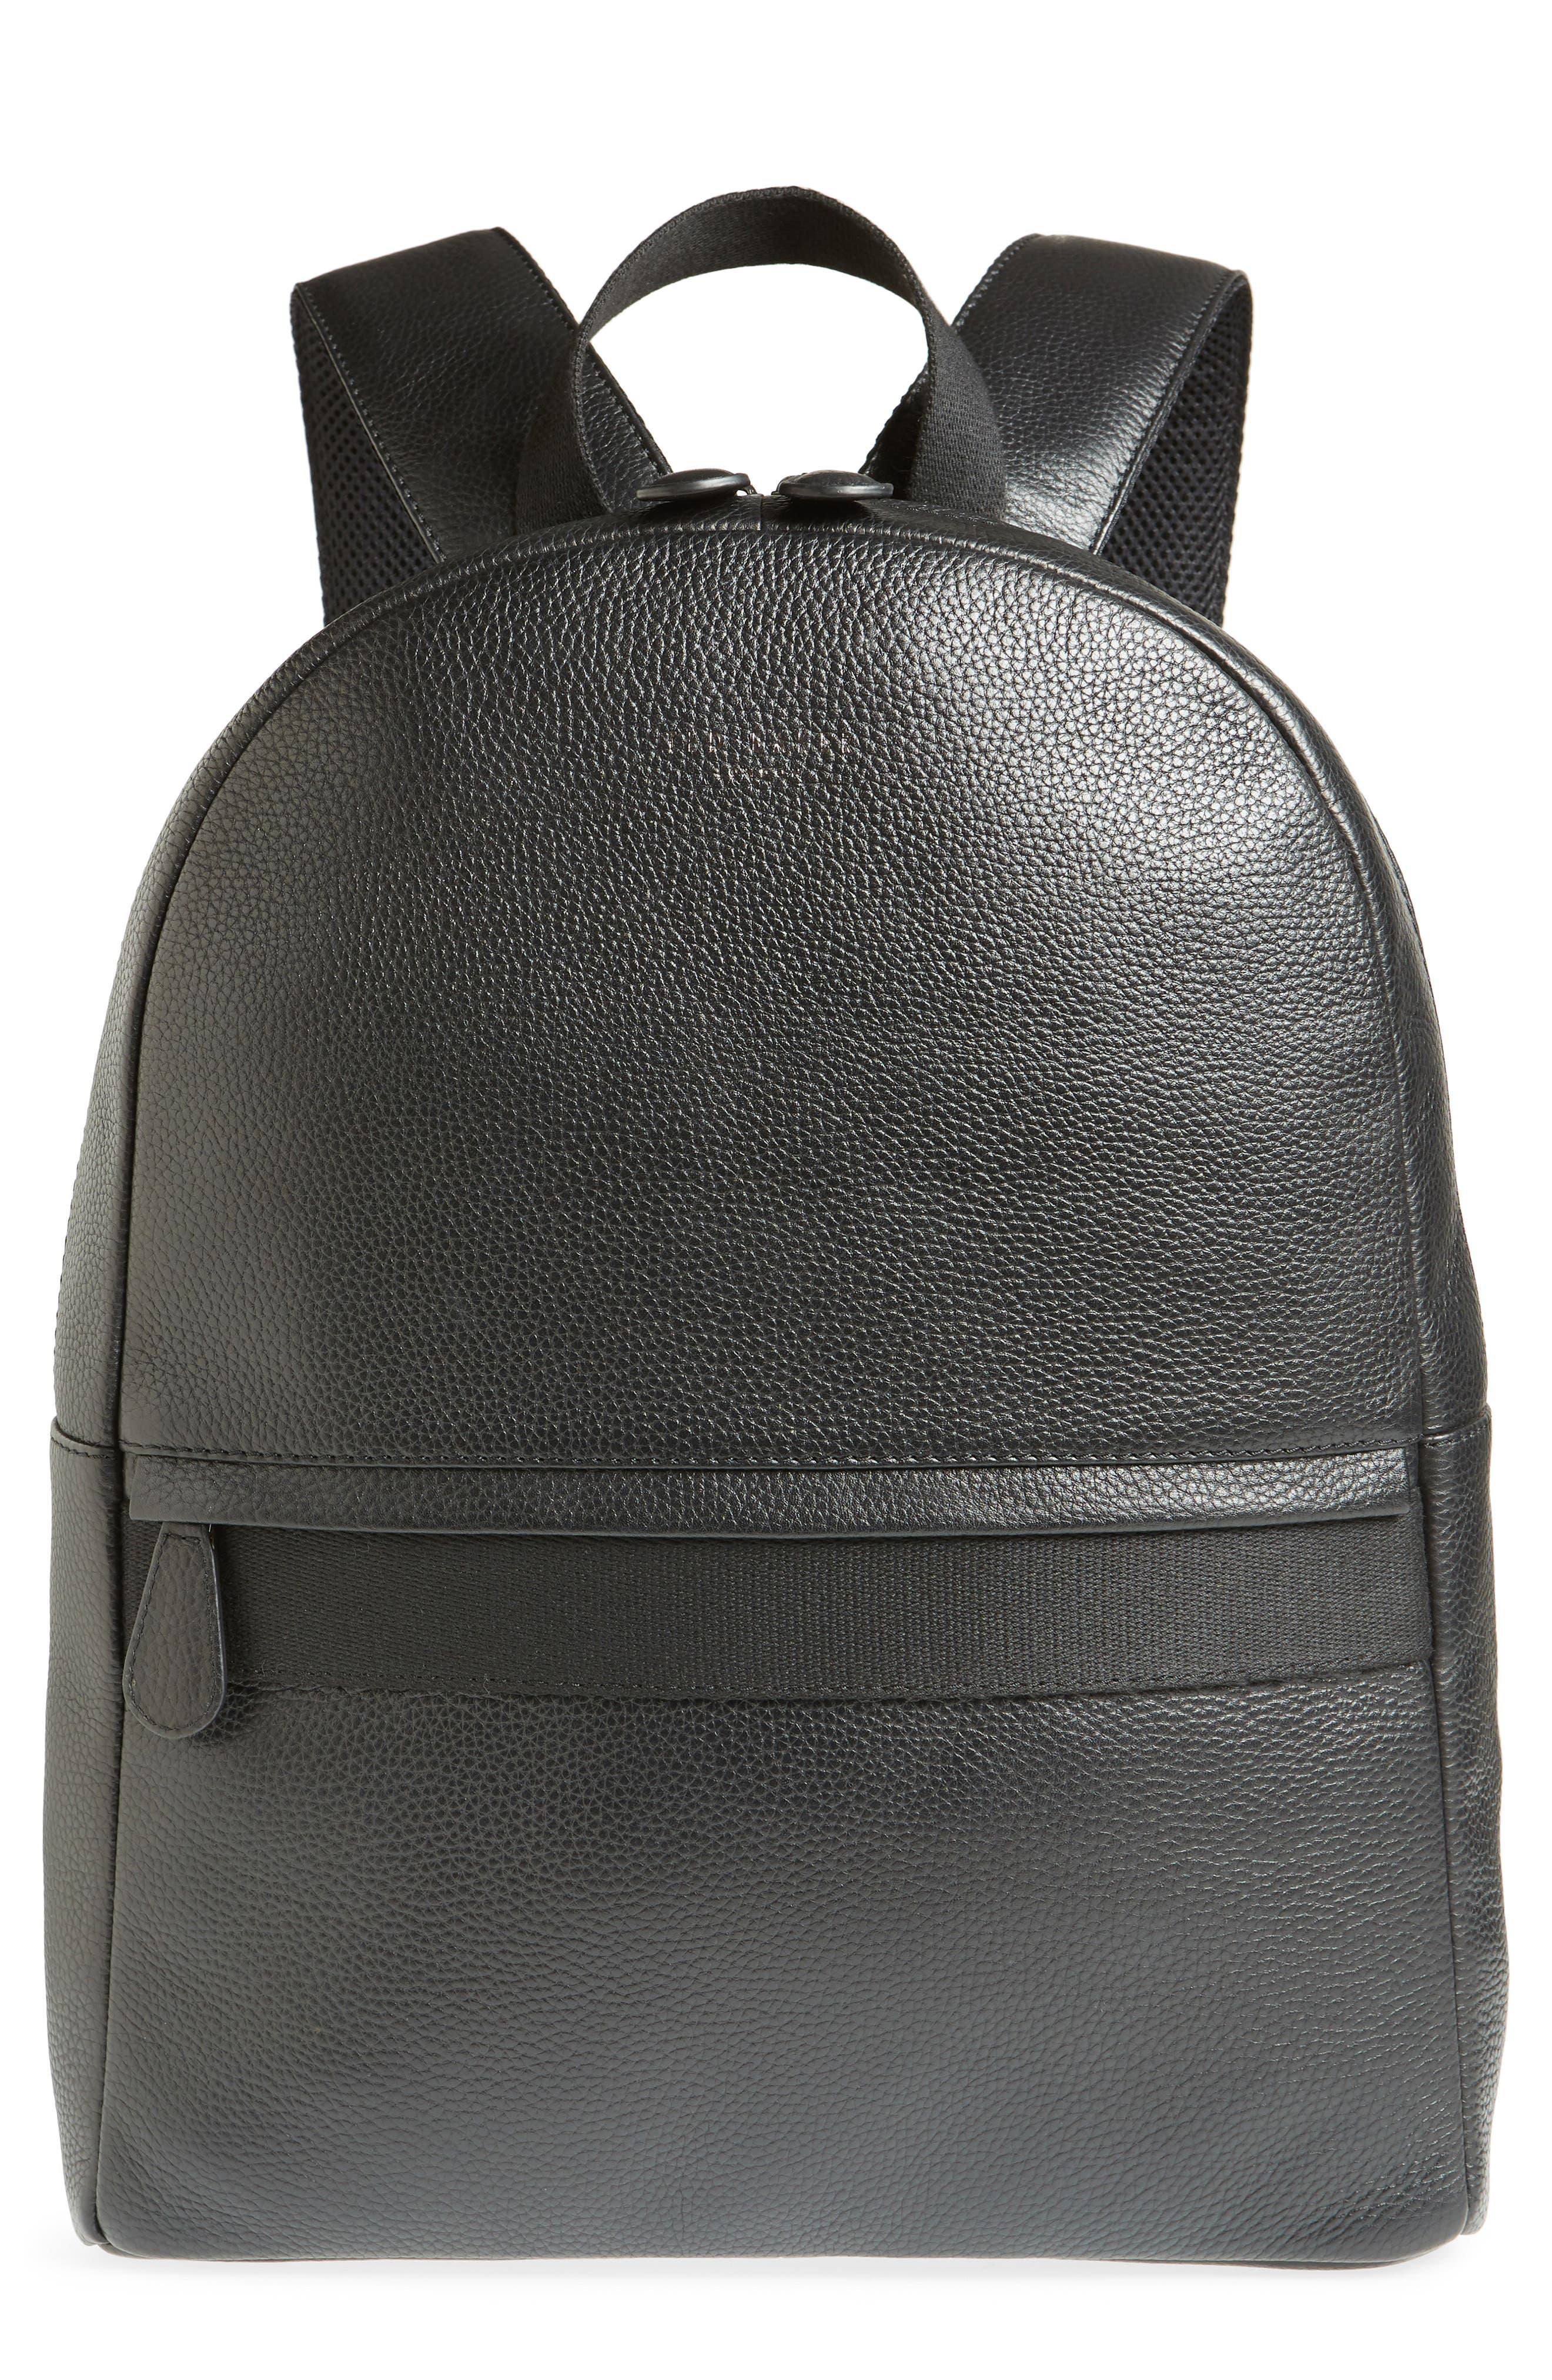 Rickrak Leather Backpack, Main, color, BLACK